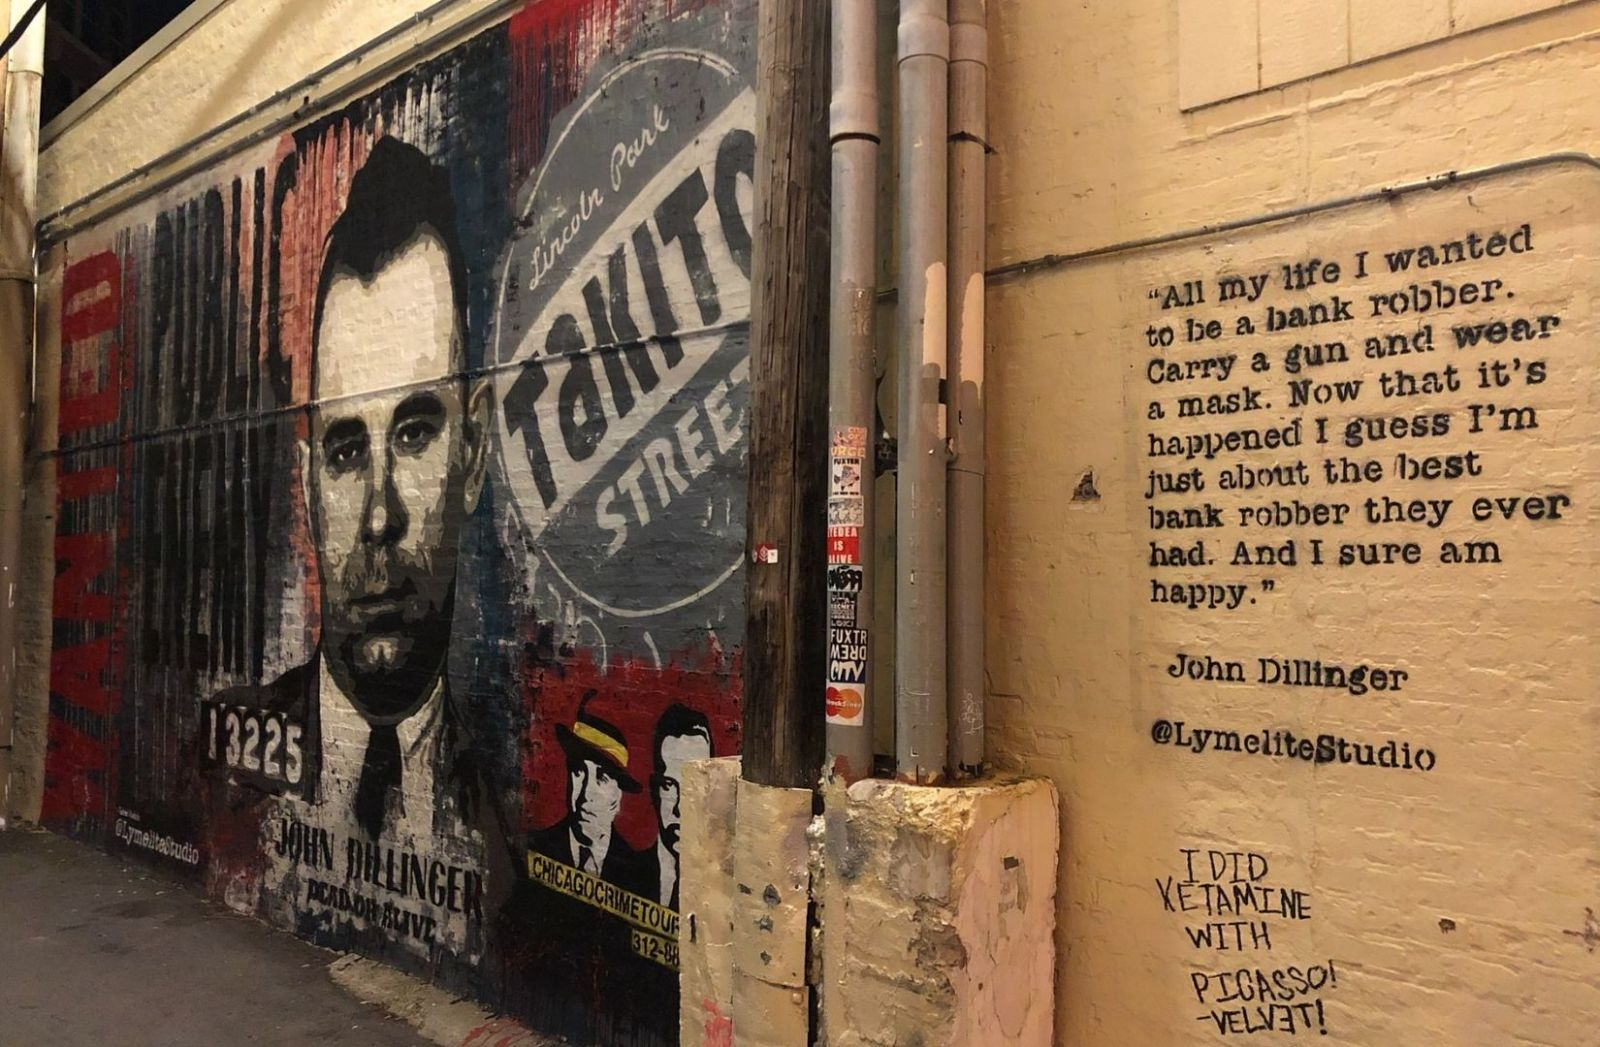 Wallpaper mit John Dillinger in Chicago. (Foto: Alden Maben, Unsplash.com)